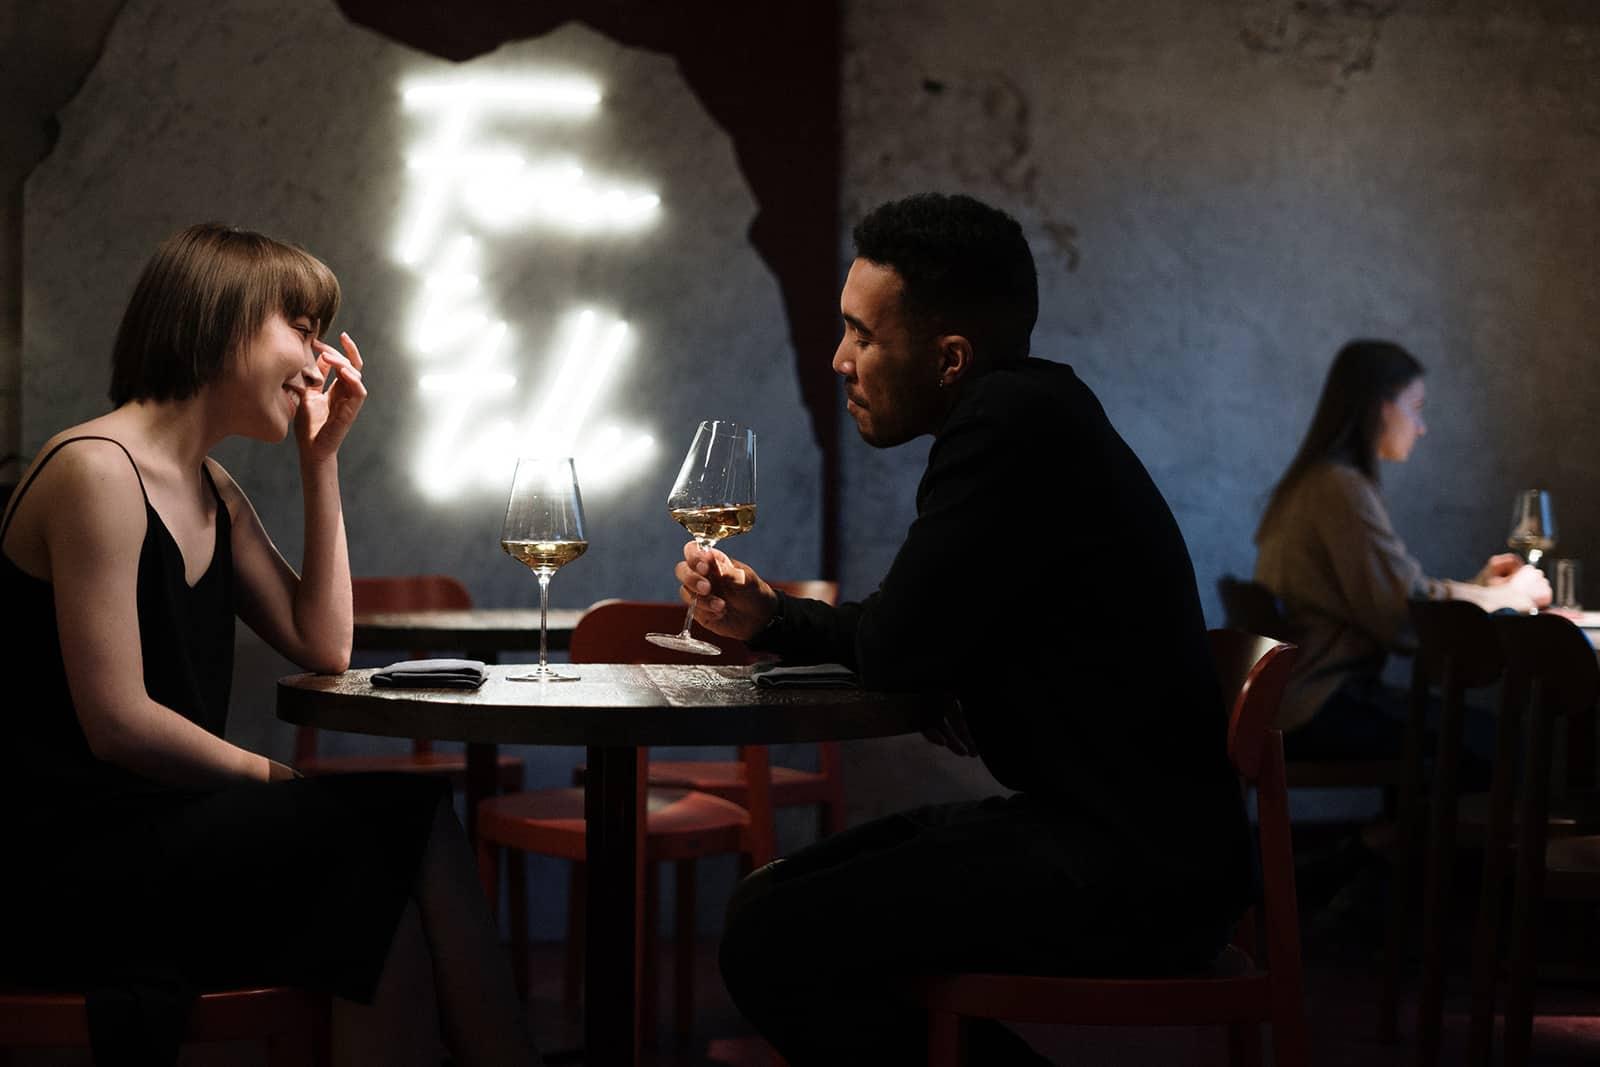 Ein Mann verführt eine Frau, während er im Restaurant ein Glas Wein hält